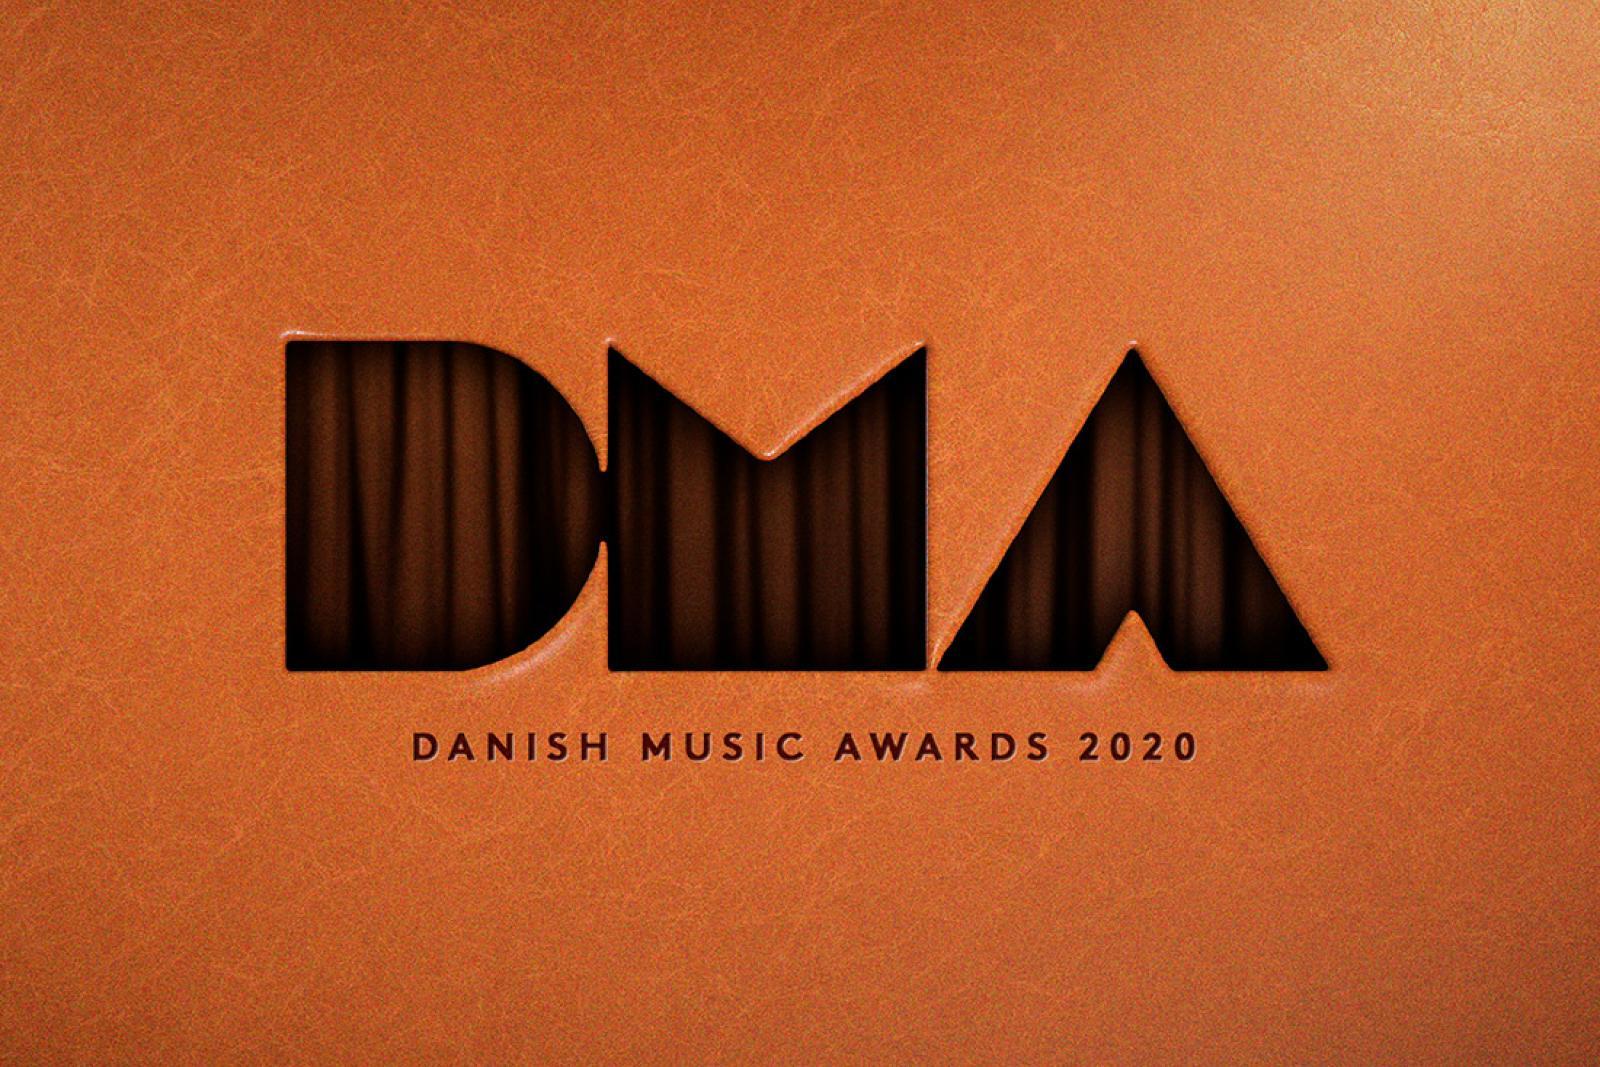 DMA 2020 - De nominerede er...